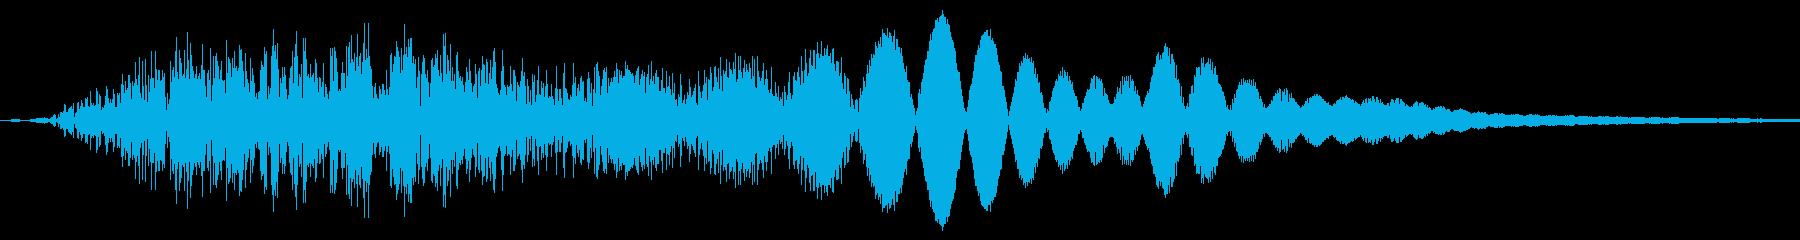 ぴょん/ジャンプ/移動の再生済みの波形